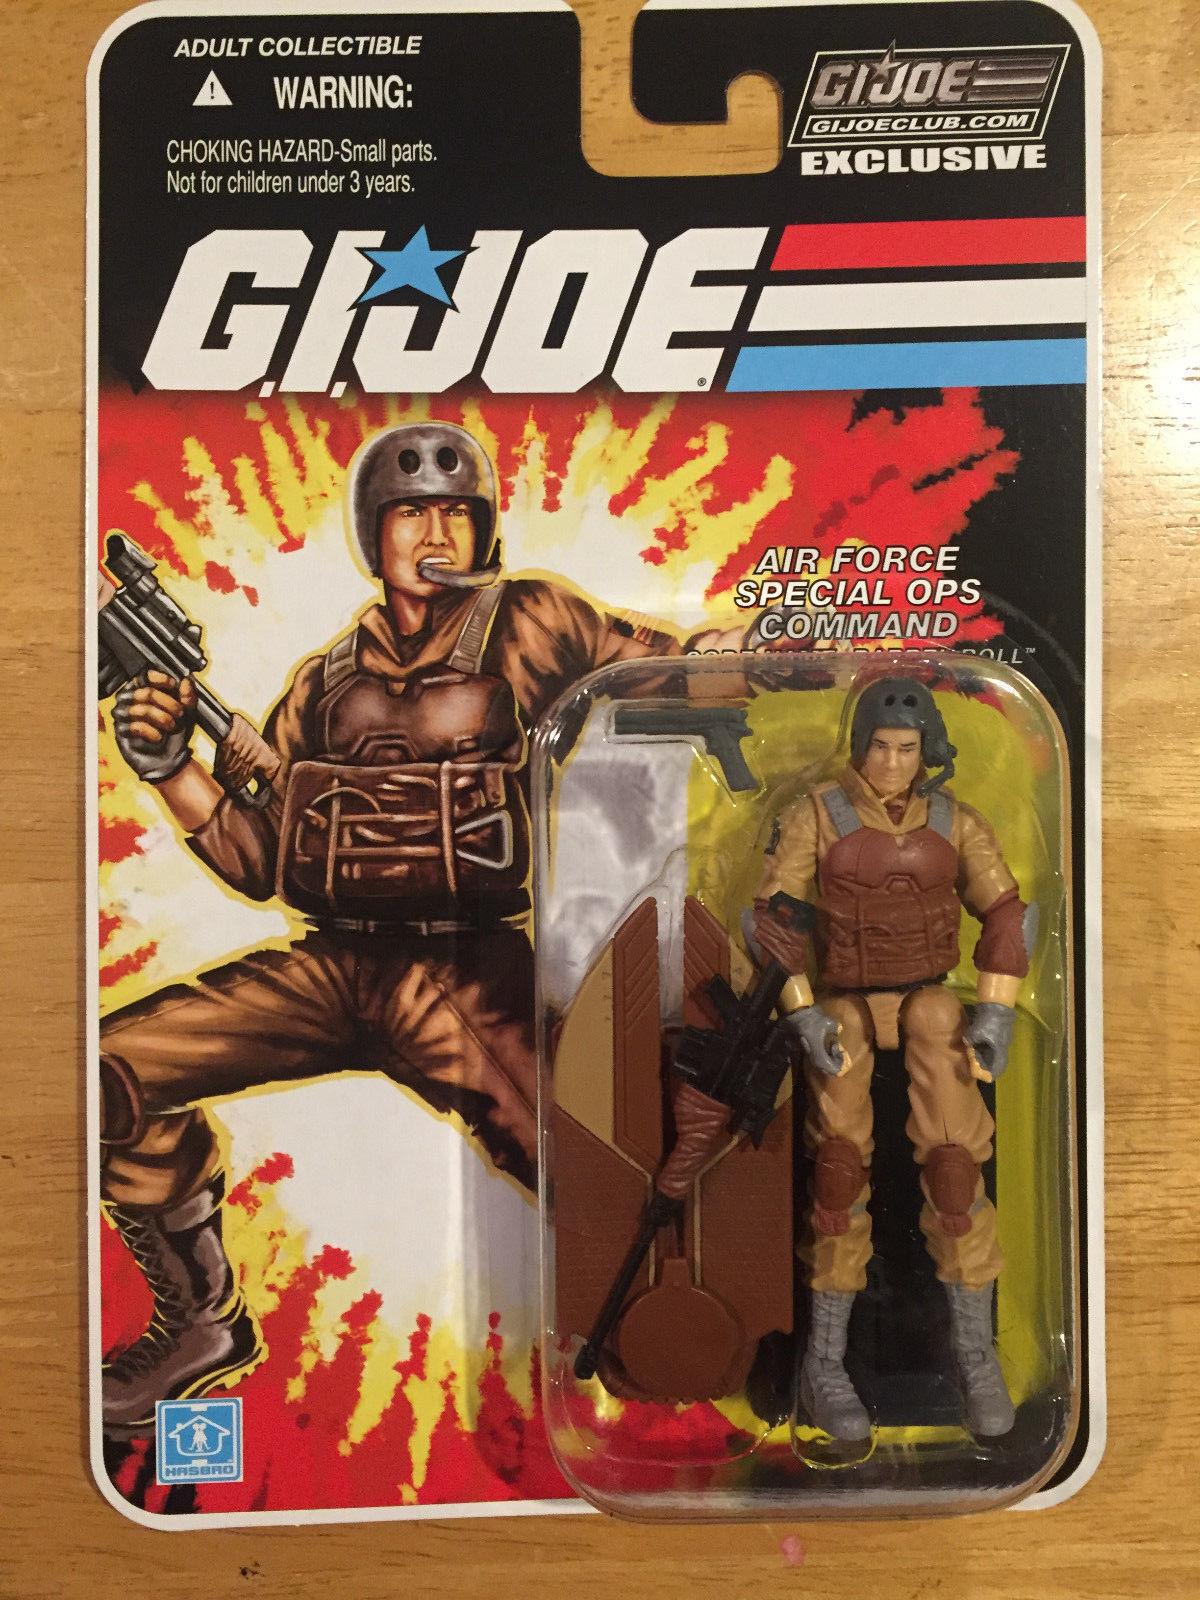 G.I.JOE EXCLUSIVE CLUB FSS 1.0: BARREL ROLL - AIR FORCE SPECIAL OPS COMMAND